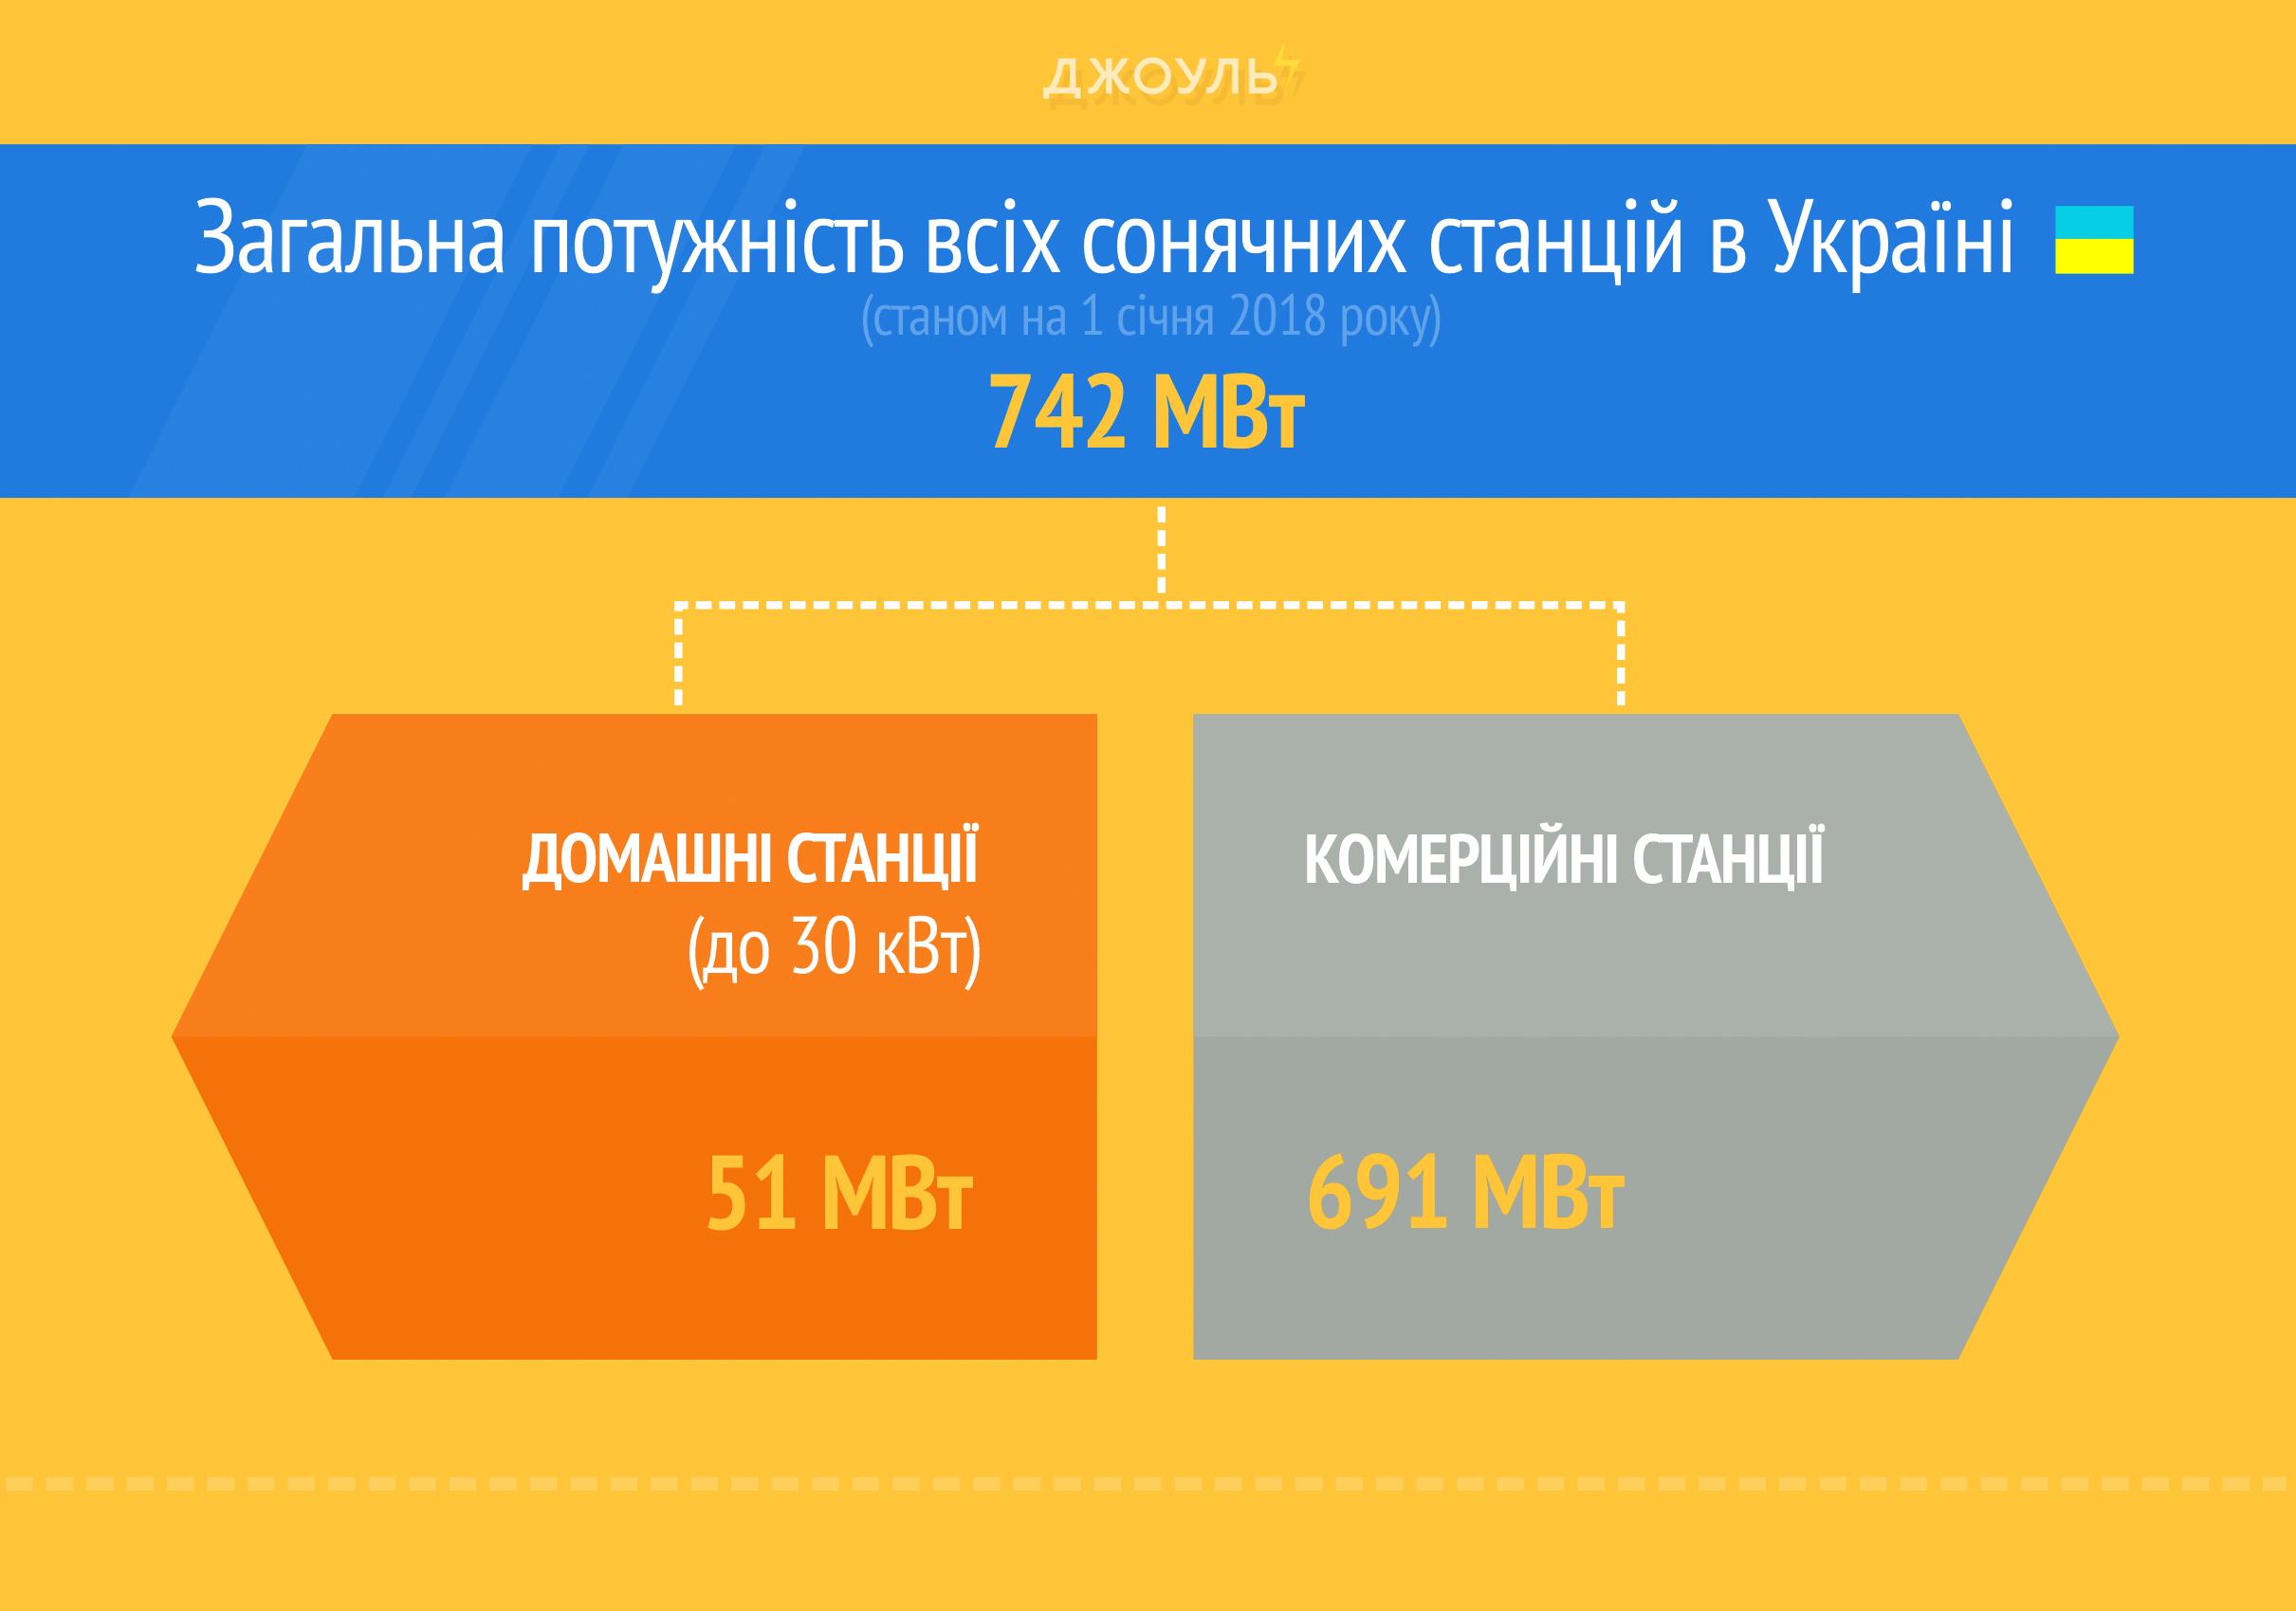 Загальна потужність всіх сонячних станцій в Україні